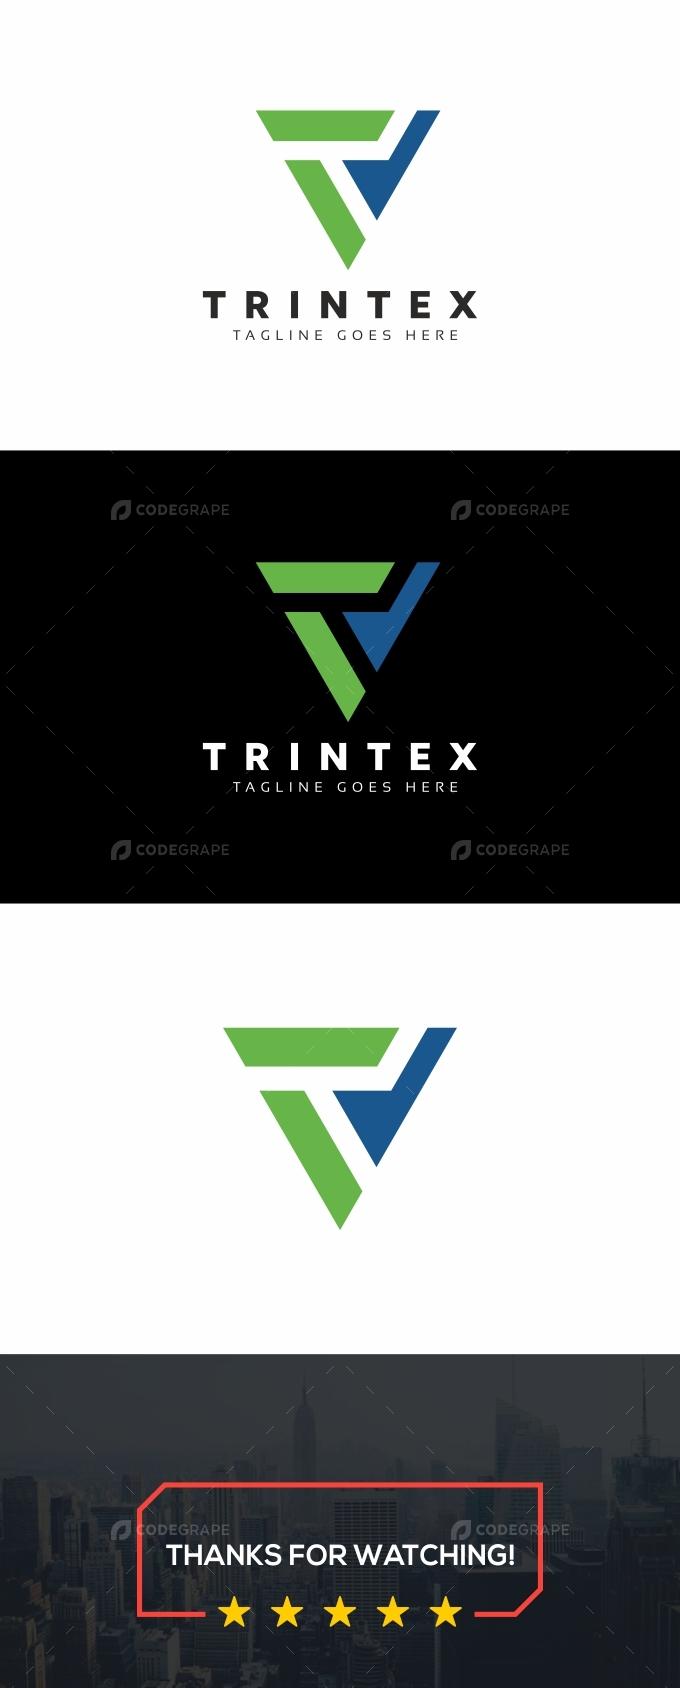 Trintex Triange Logo